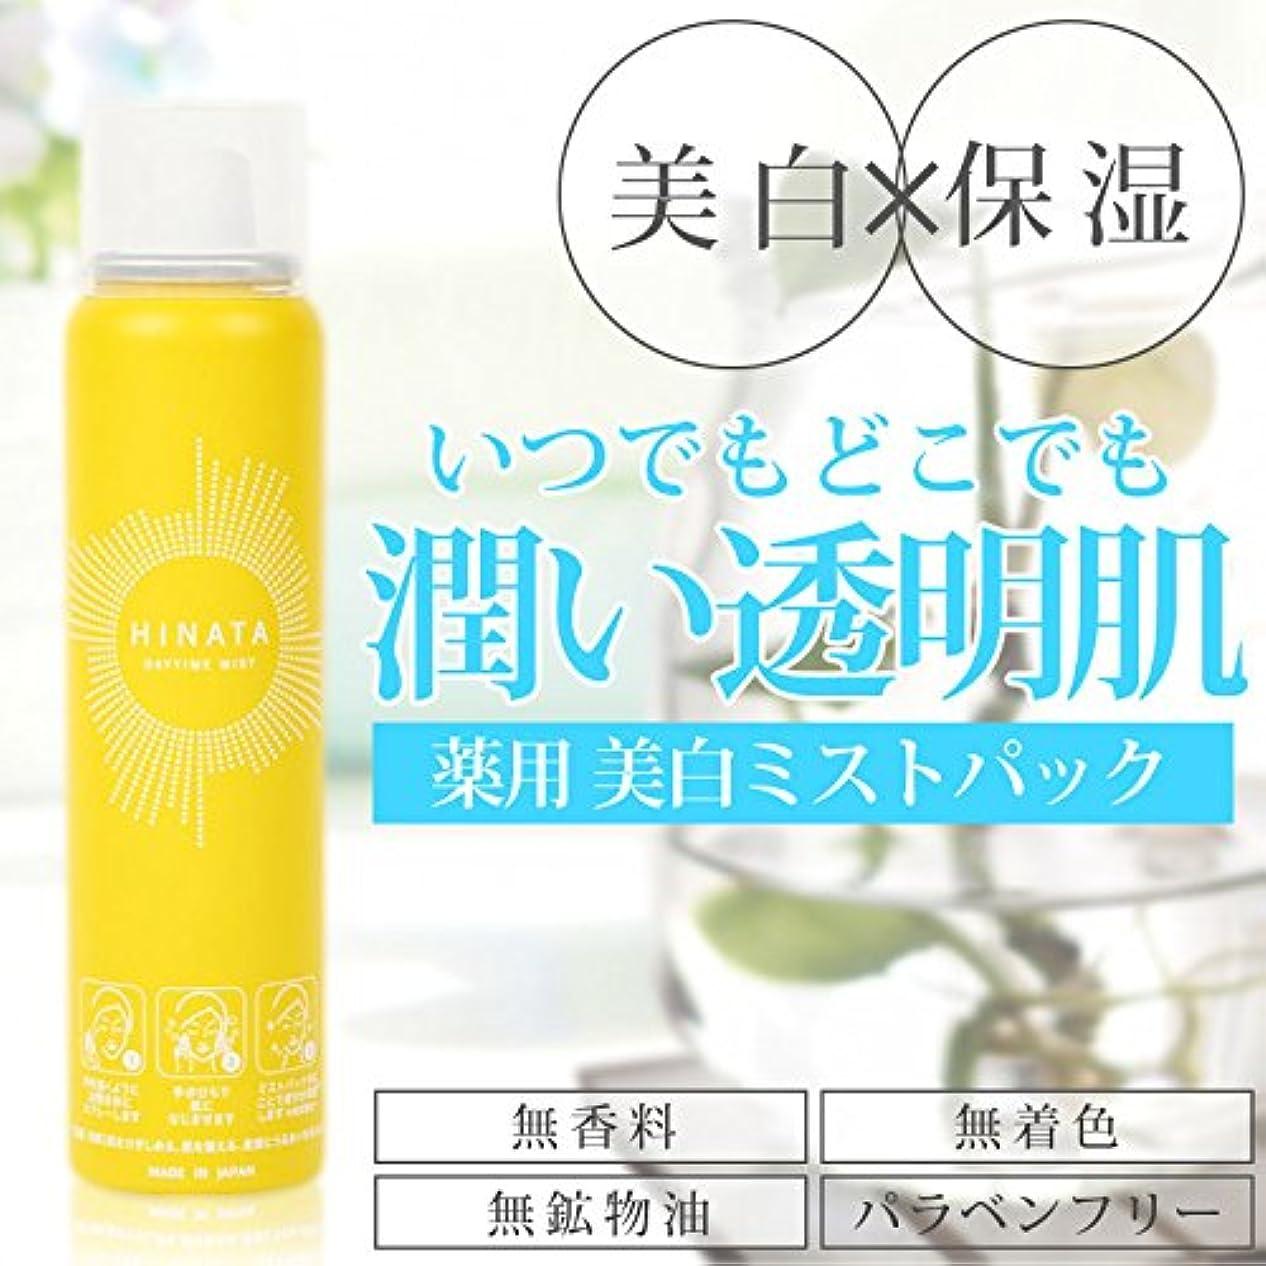 利得実質的衛星化粧水 ヒナタ 医薬部外品 ミストパック ミストスプレー 美白